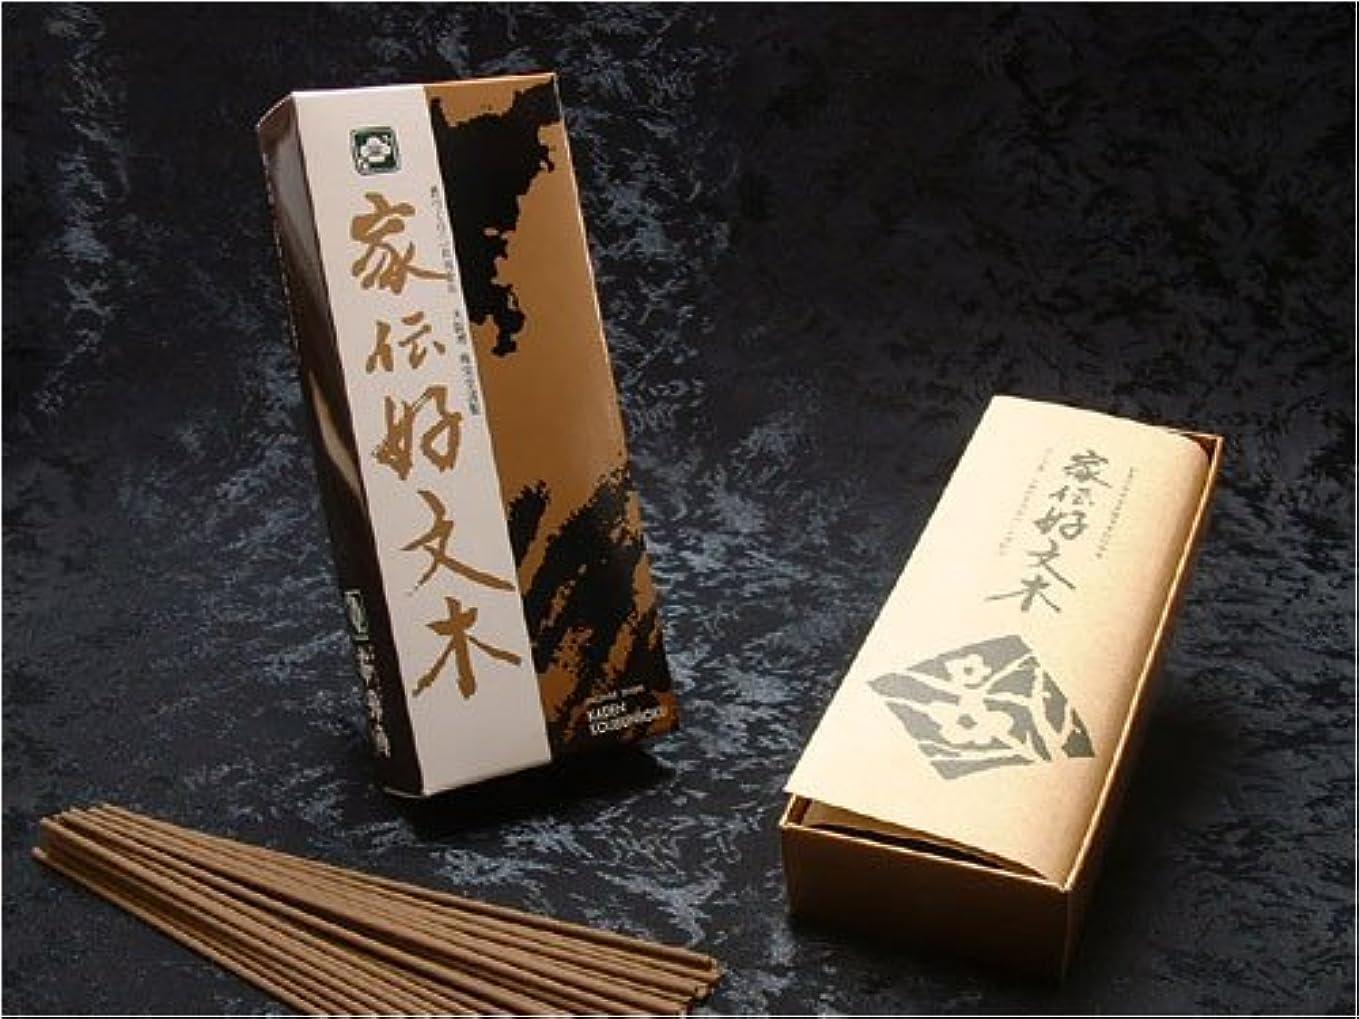 闇動物ベース梅栄堂のお線香 家伝好文木 短寸小型バラ詰